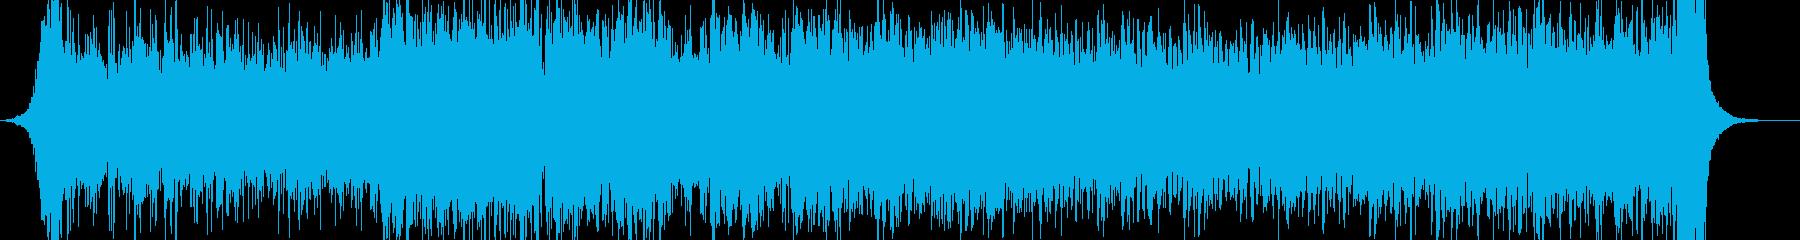 高エネルギーのオーケストラアクショ...の再生済みの波形